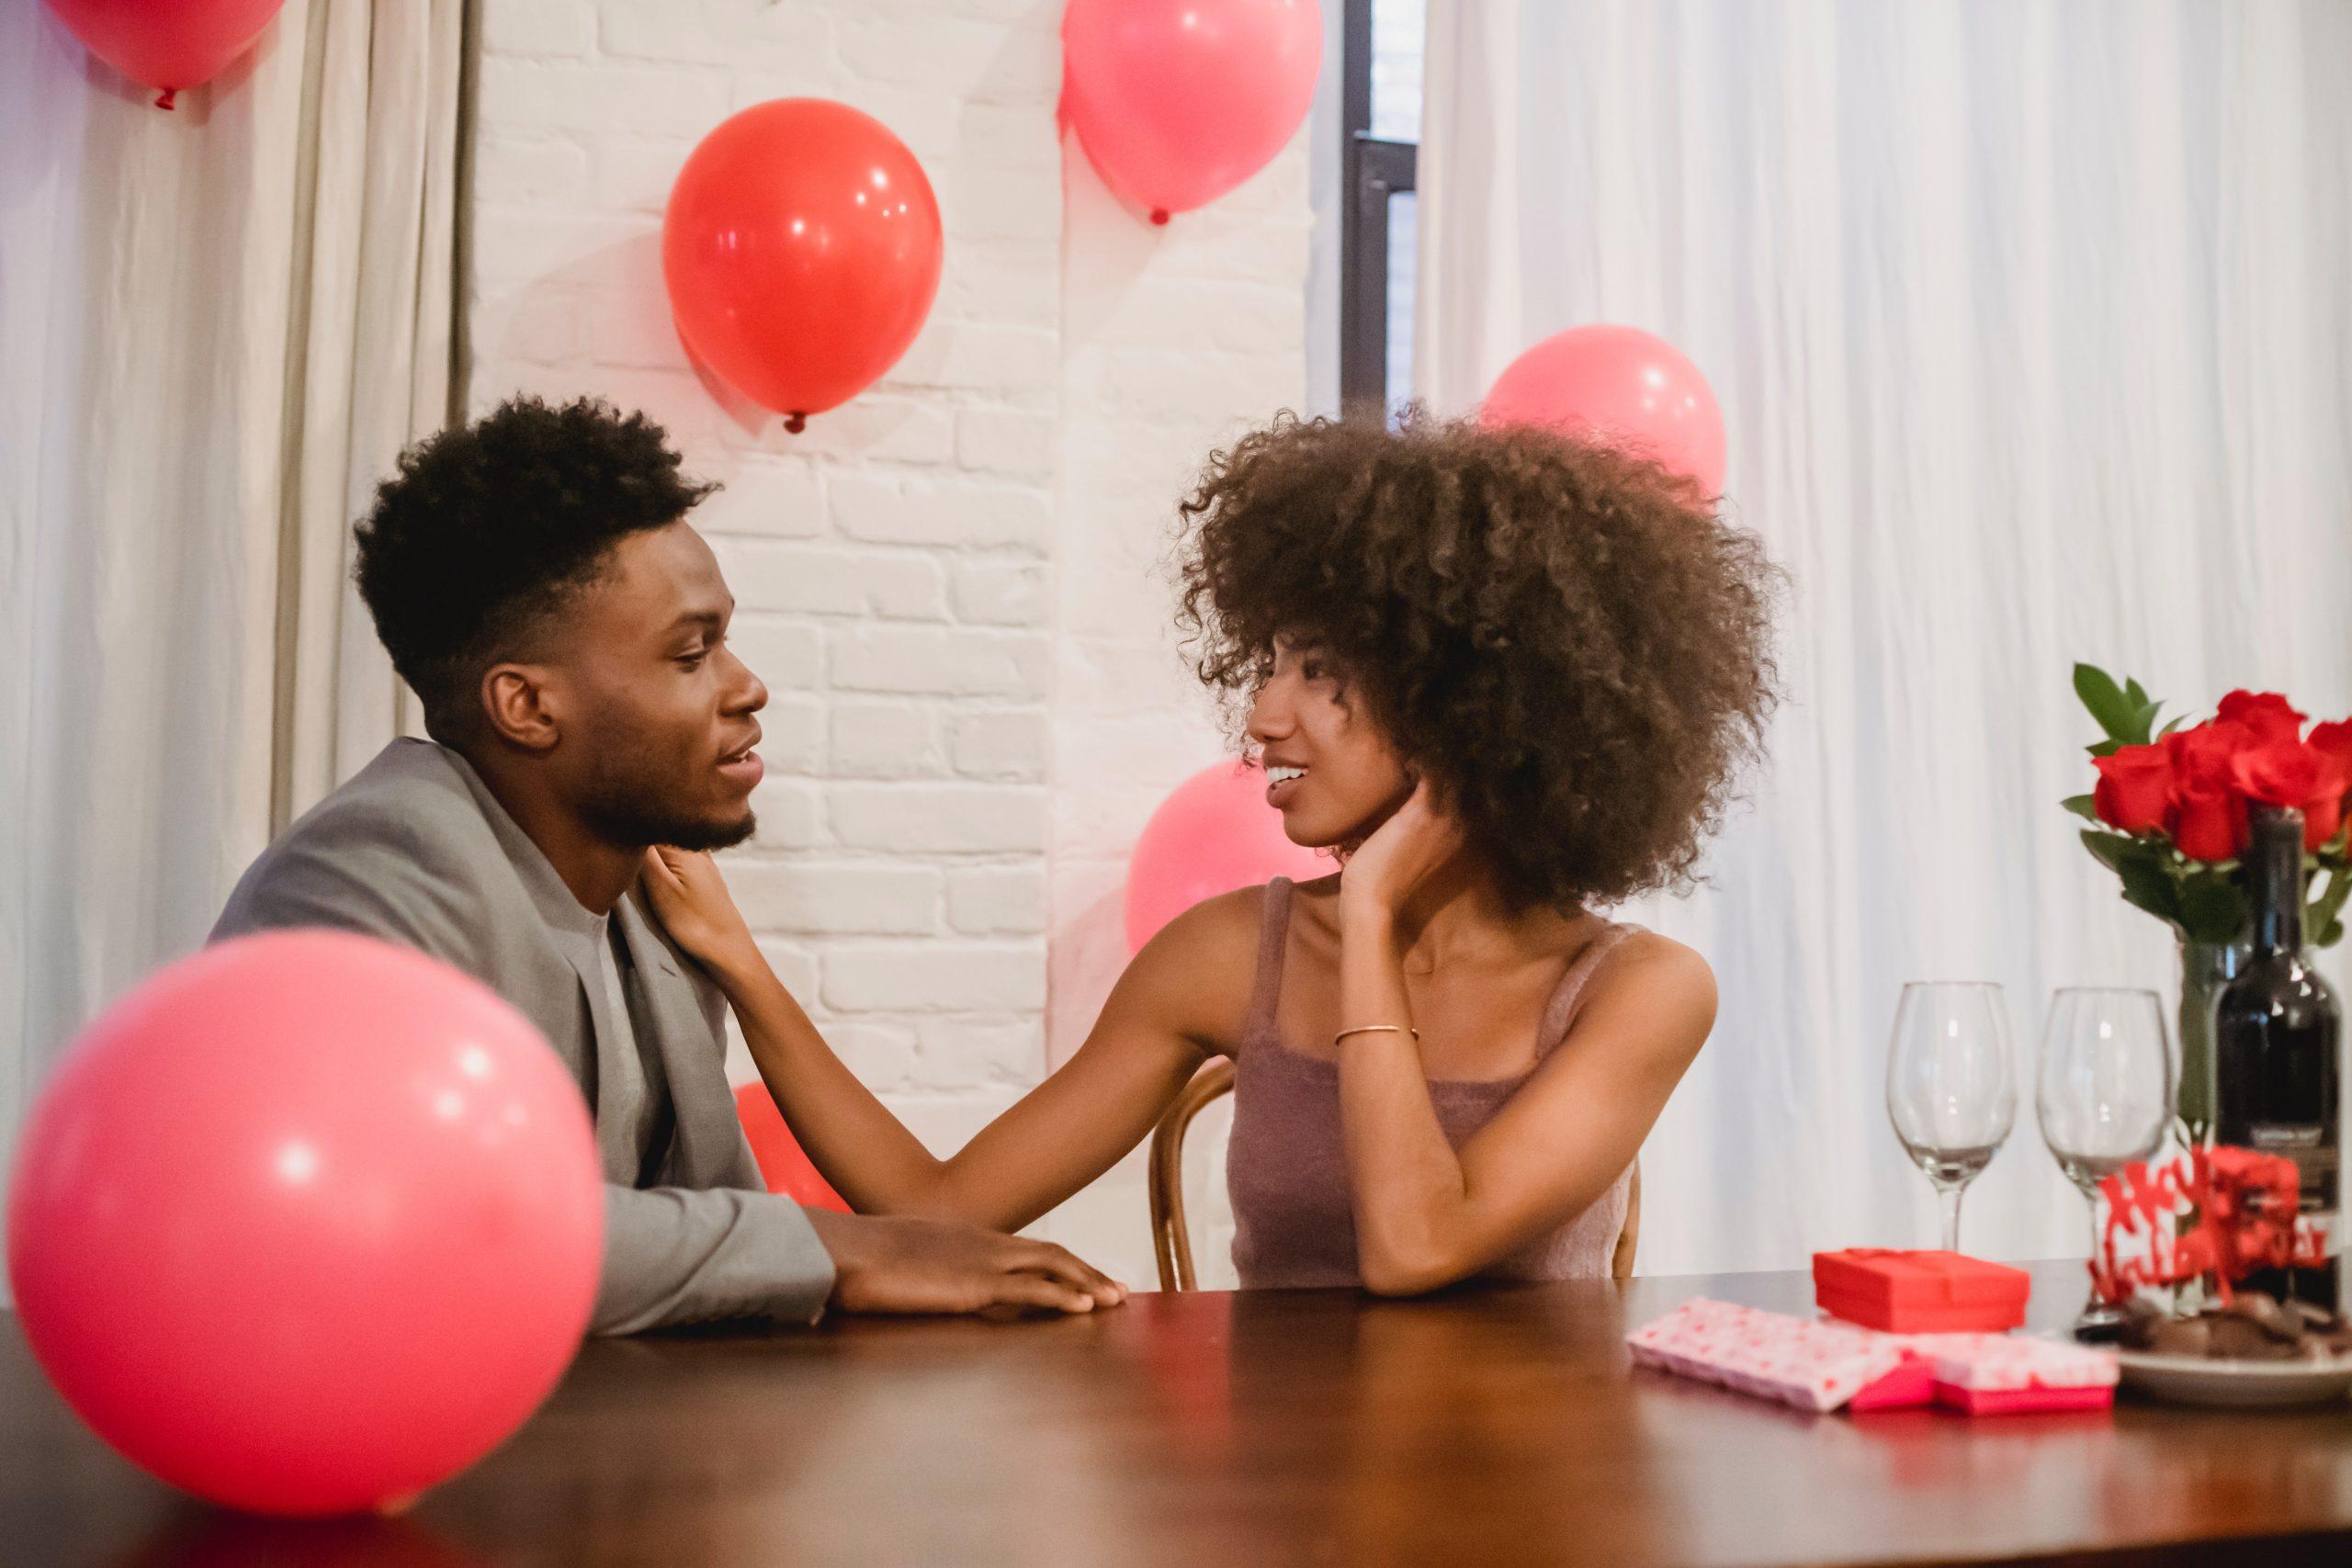 para, trafne pytania do dziewczyny na randce